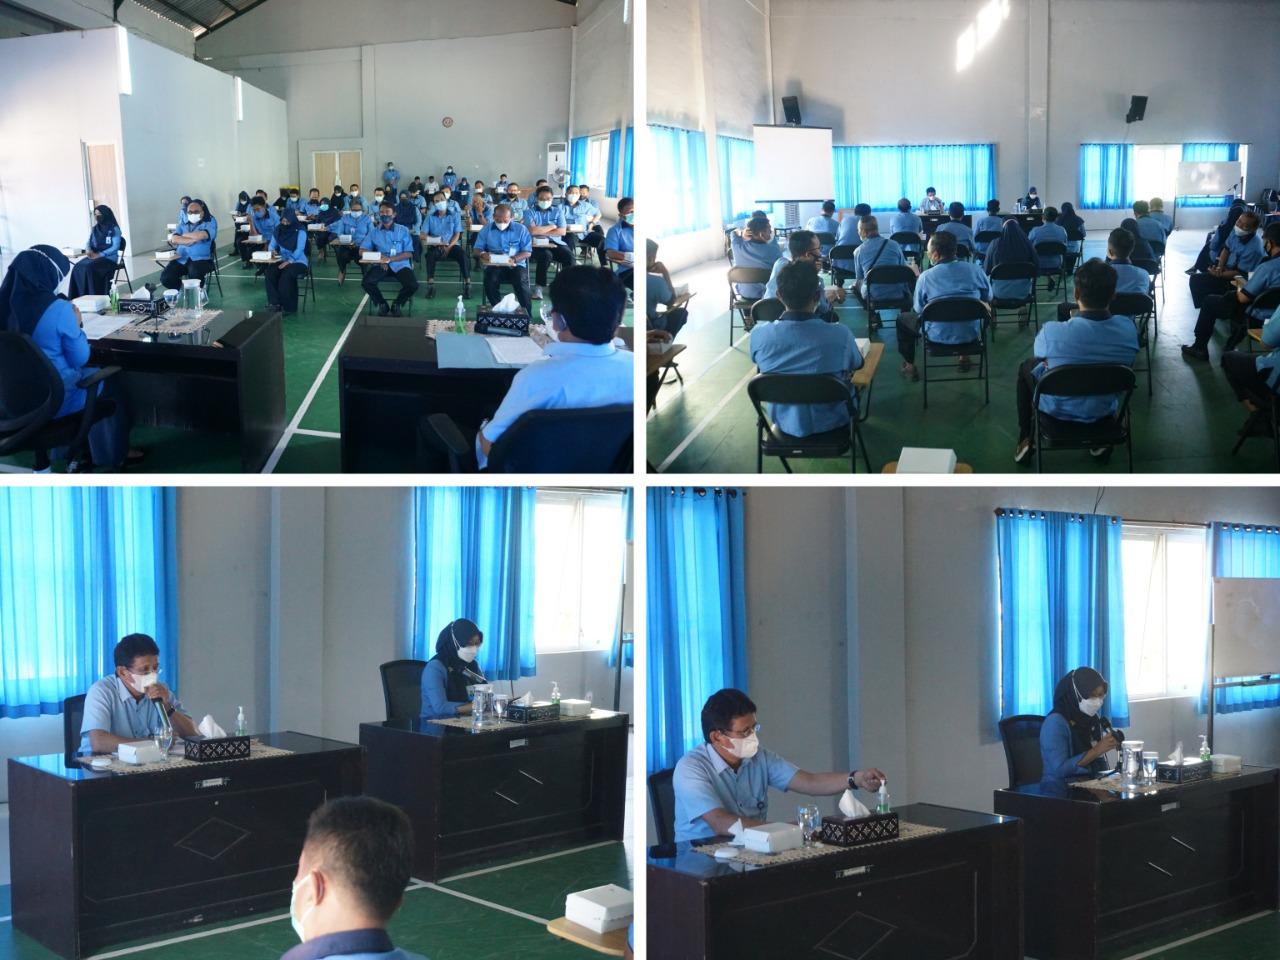 Kegiatan Alih Tugas Staf dan Pejabat Struktural dilakukan di Ruang Aula Kantor Pusat PT AMGM